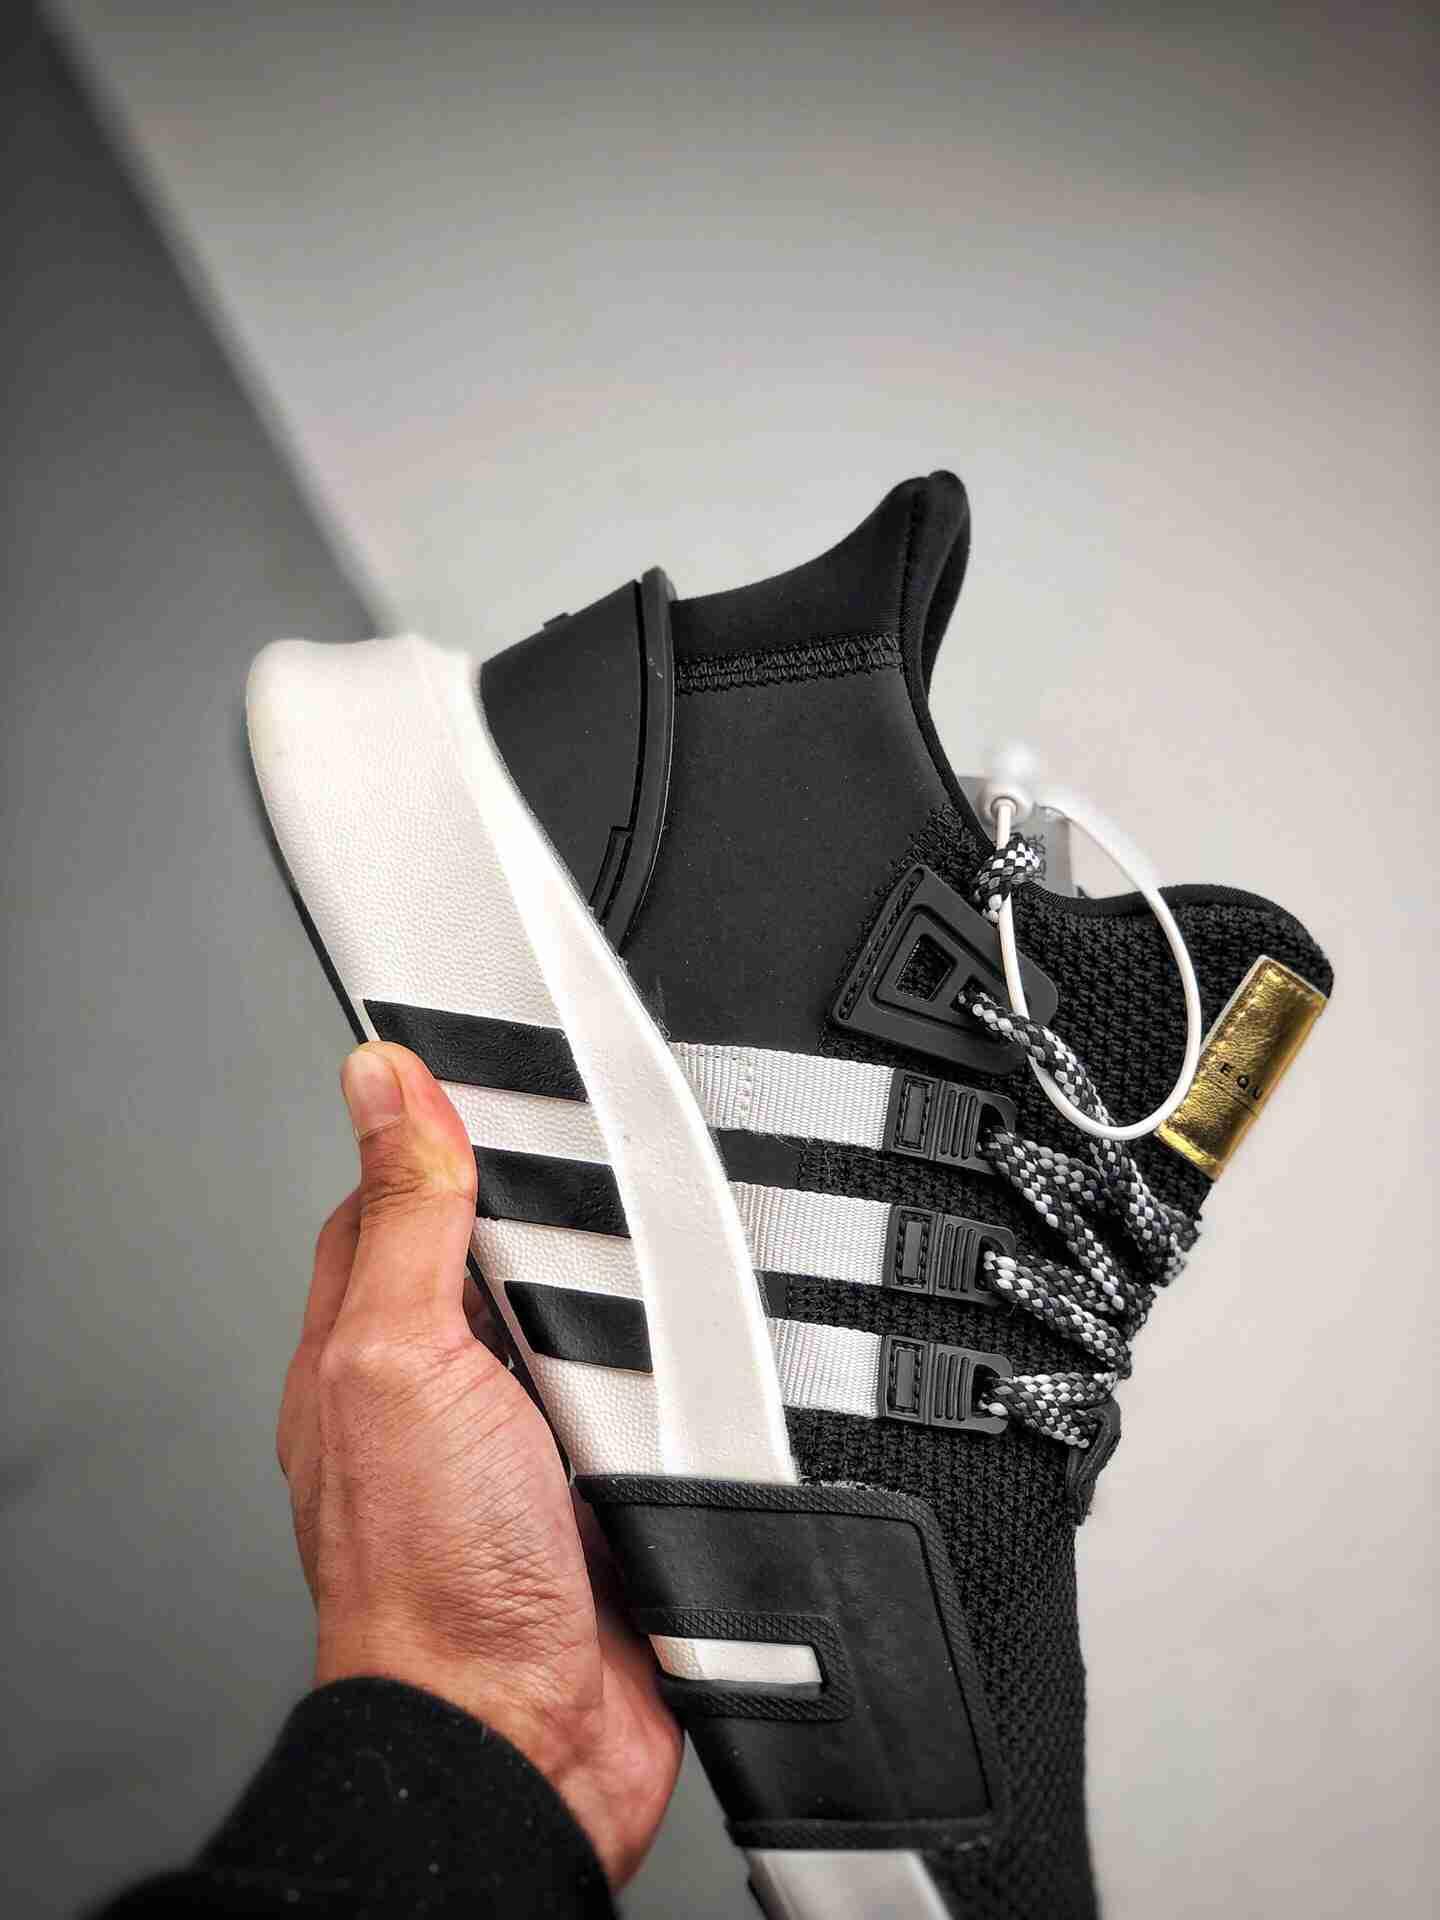 Adidas EQT Bask ADV 黑白金标